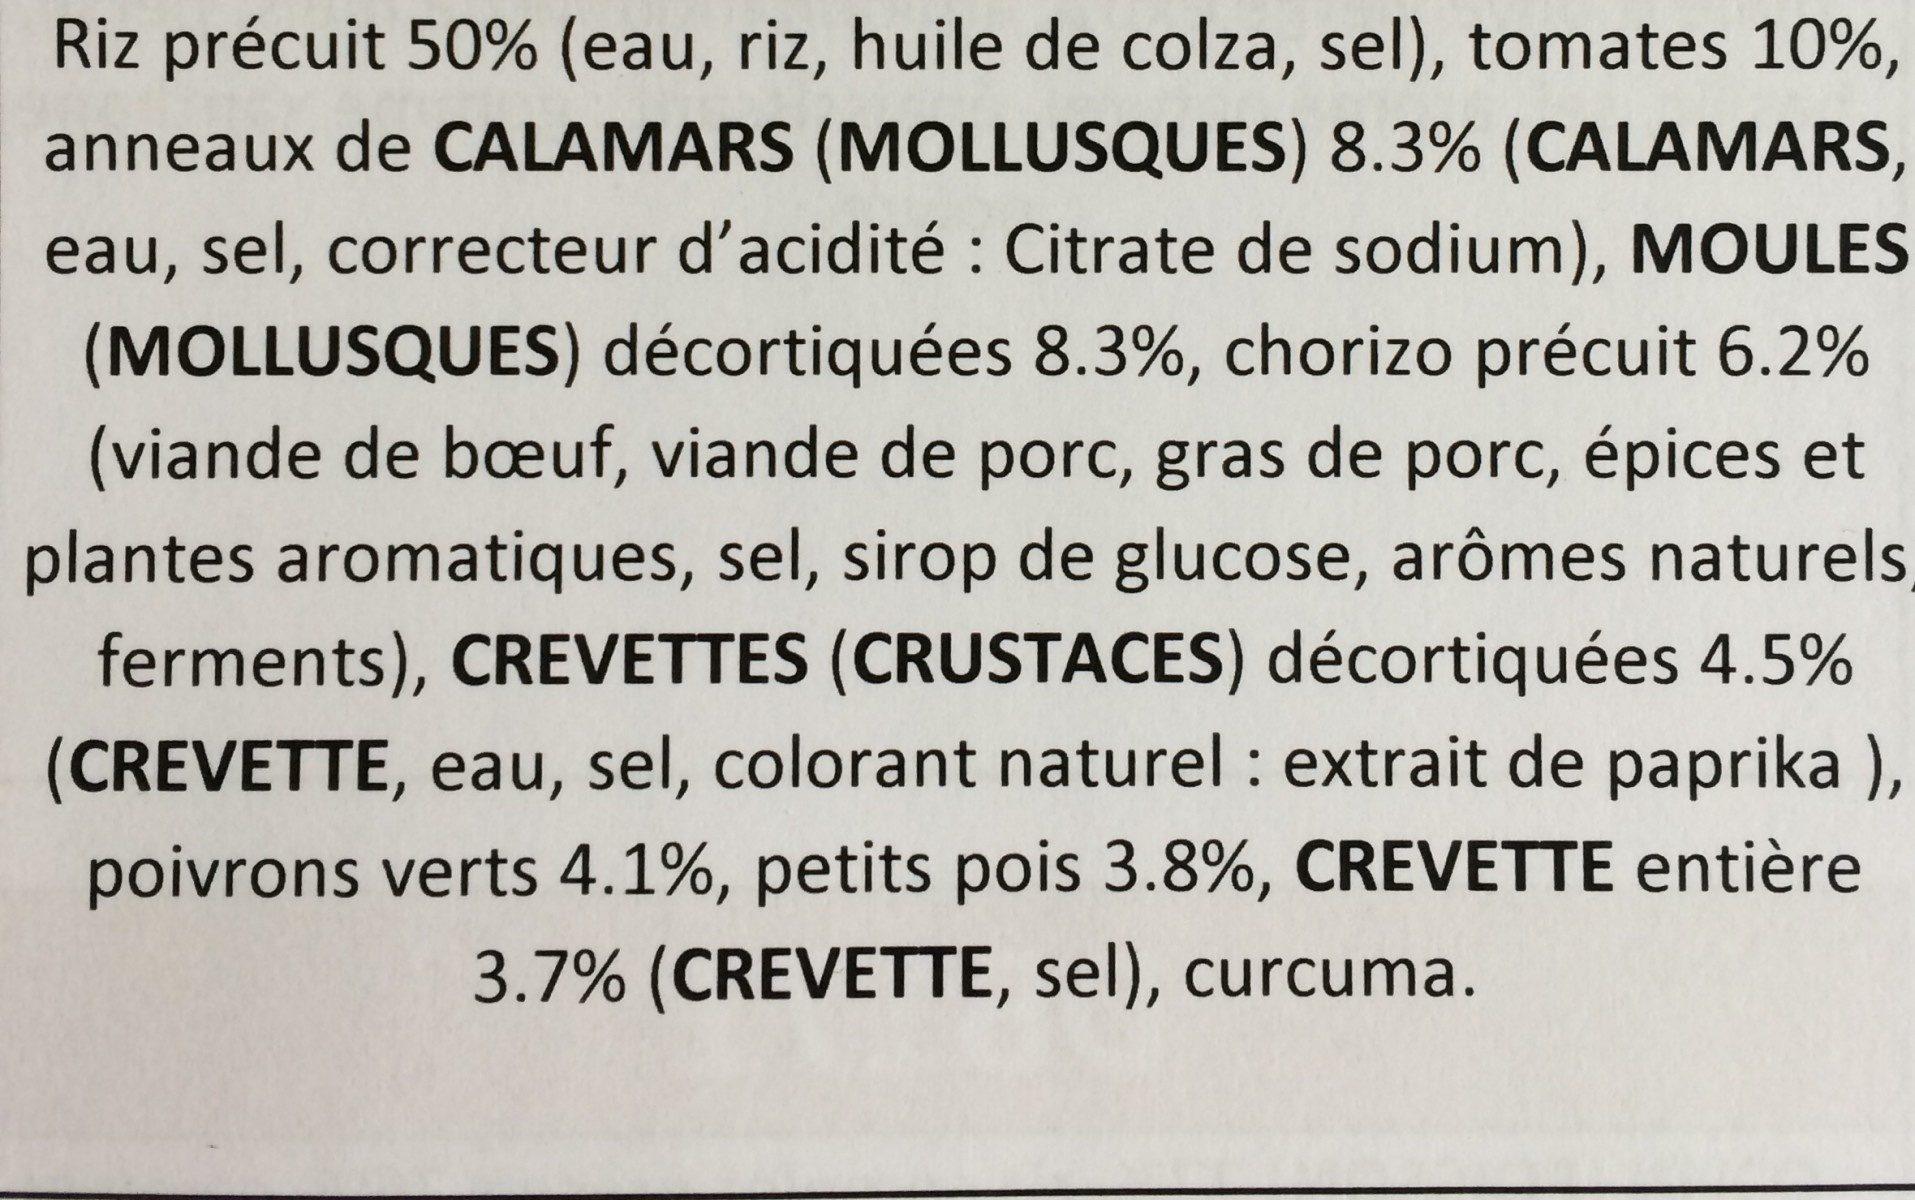 Paëlla aux fruits de mer & crevettes - Ingredients - fr